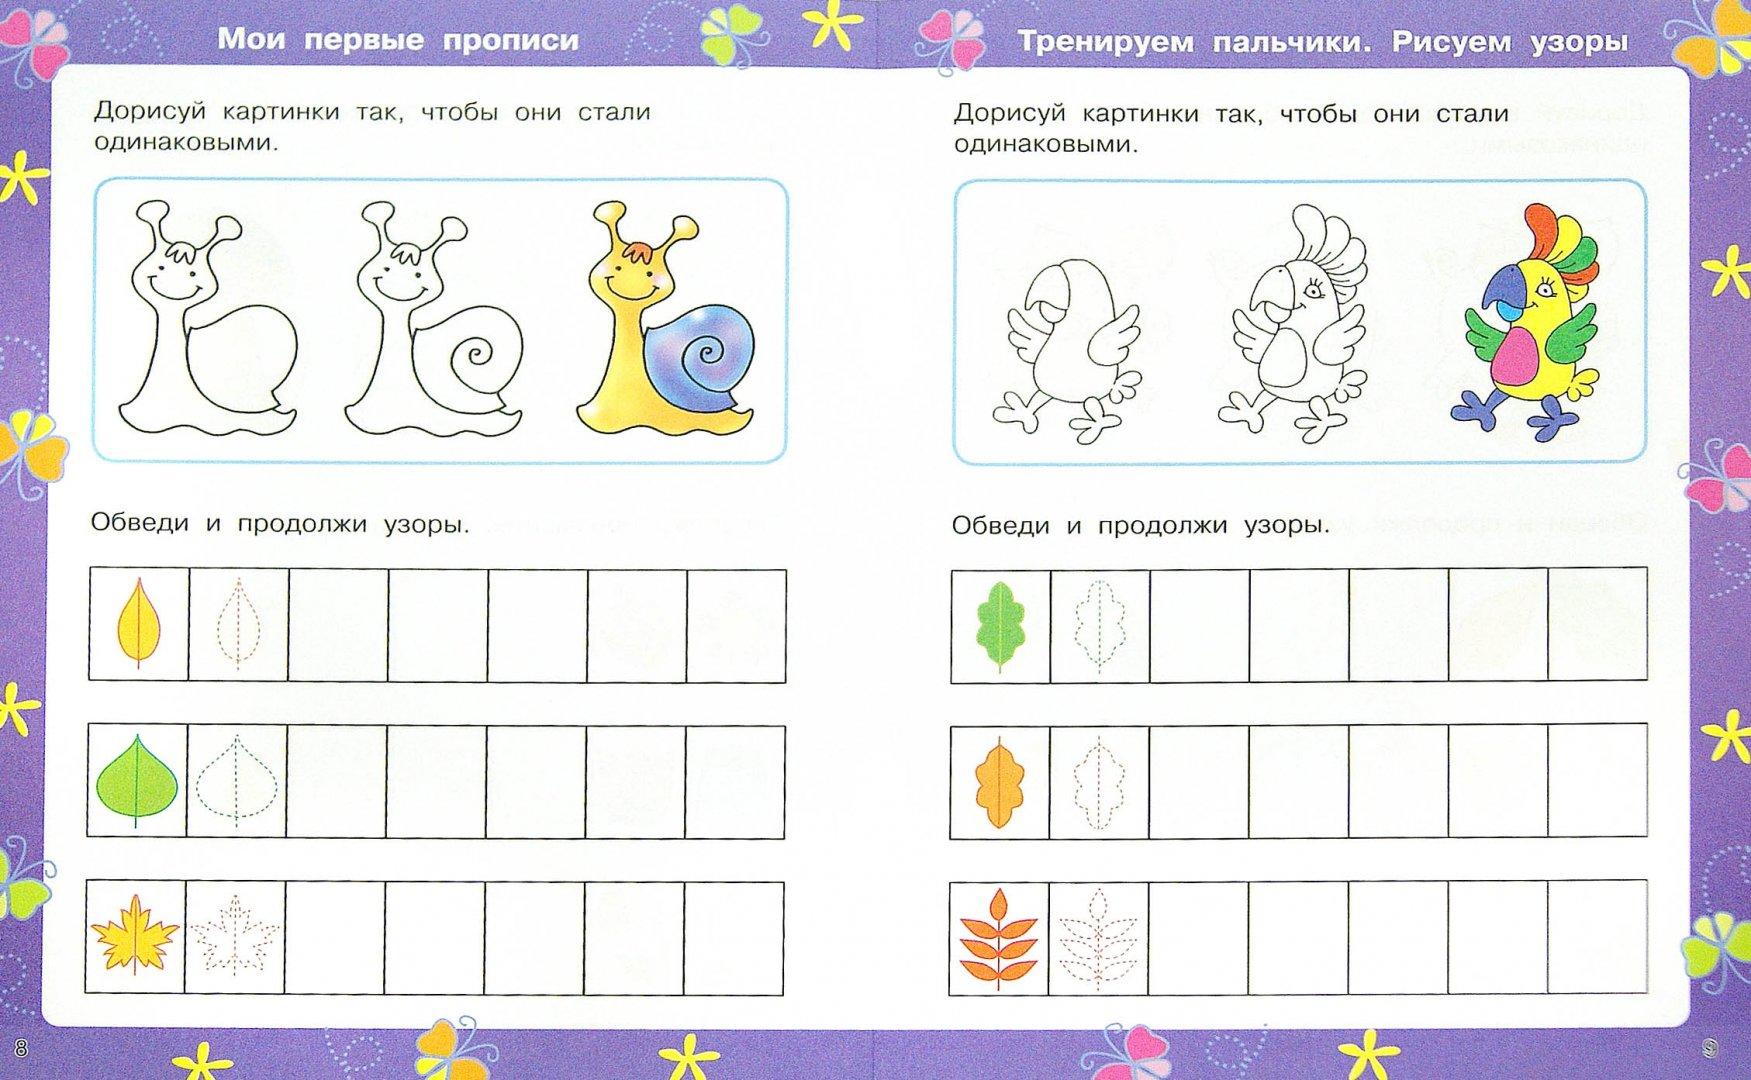 Иллюстрация 3 из 10 для Тренируем пальчики: рисуем узоры - Тумановская, Ткаченко | Лабиринт - книги. Источник: Лабиринт